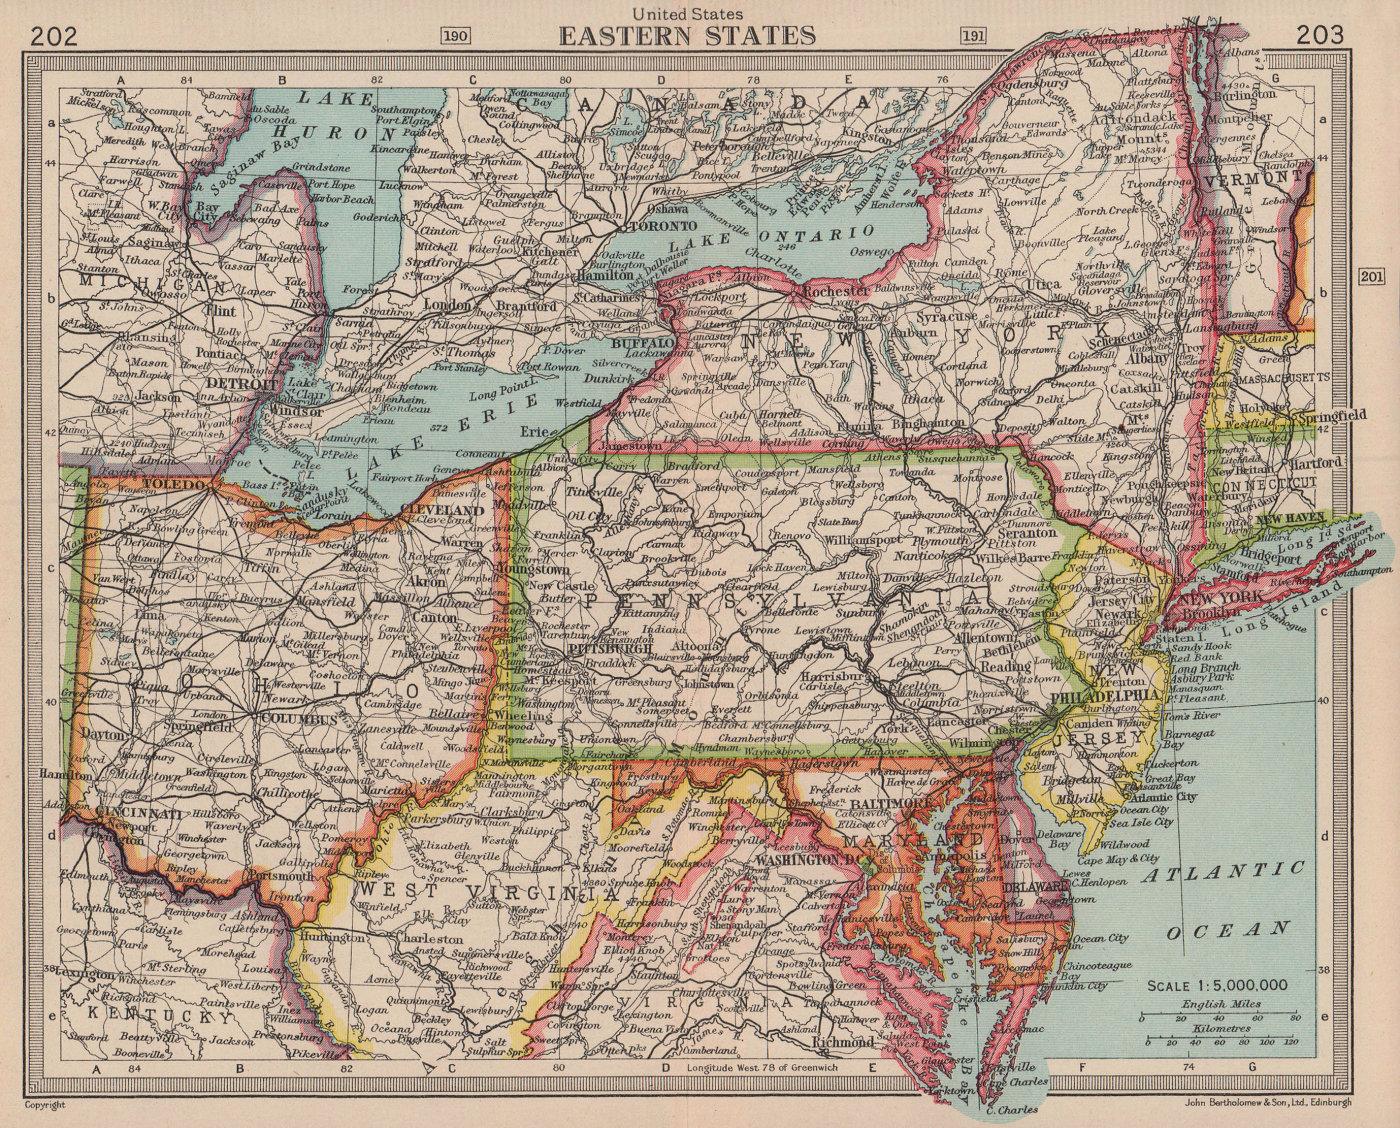 Eastern United States. USA. Ohio NY WV MD Pennsylvania. BARTHOLOMEW 1949 map